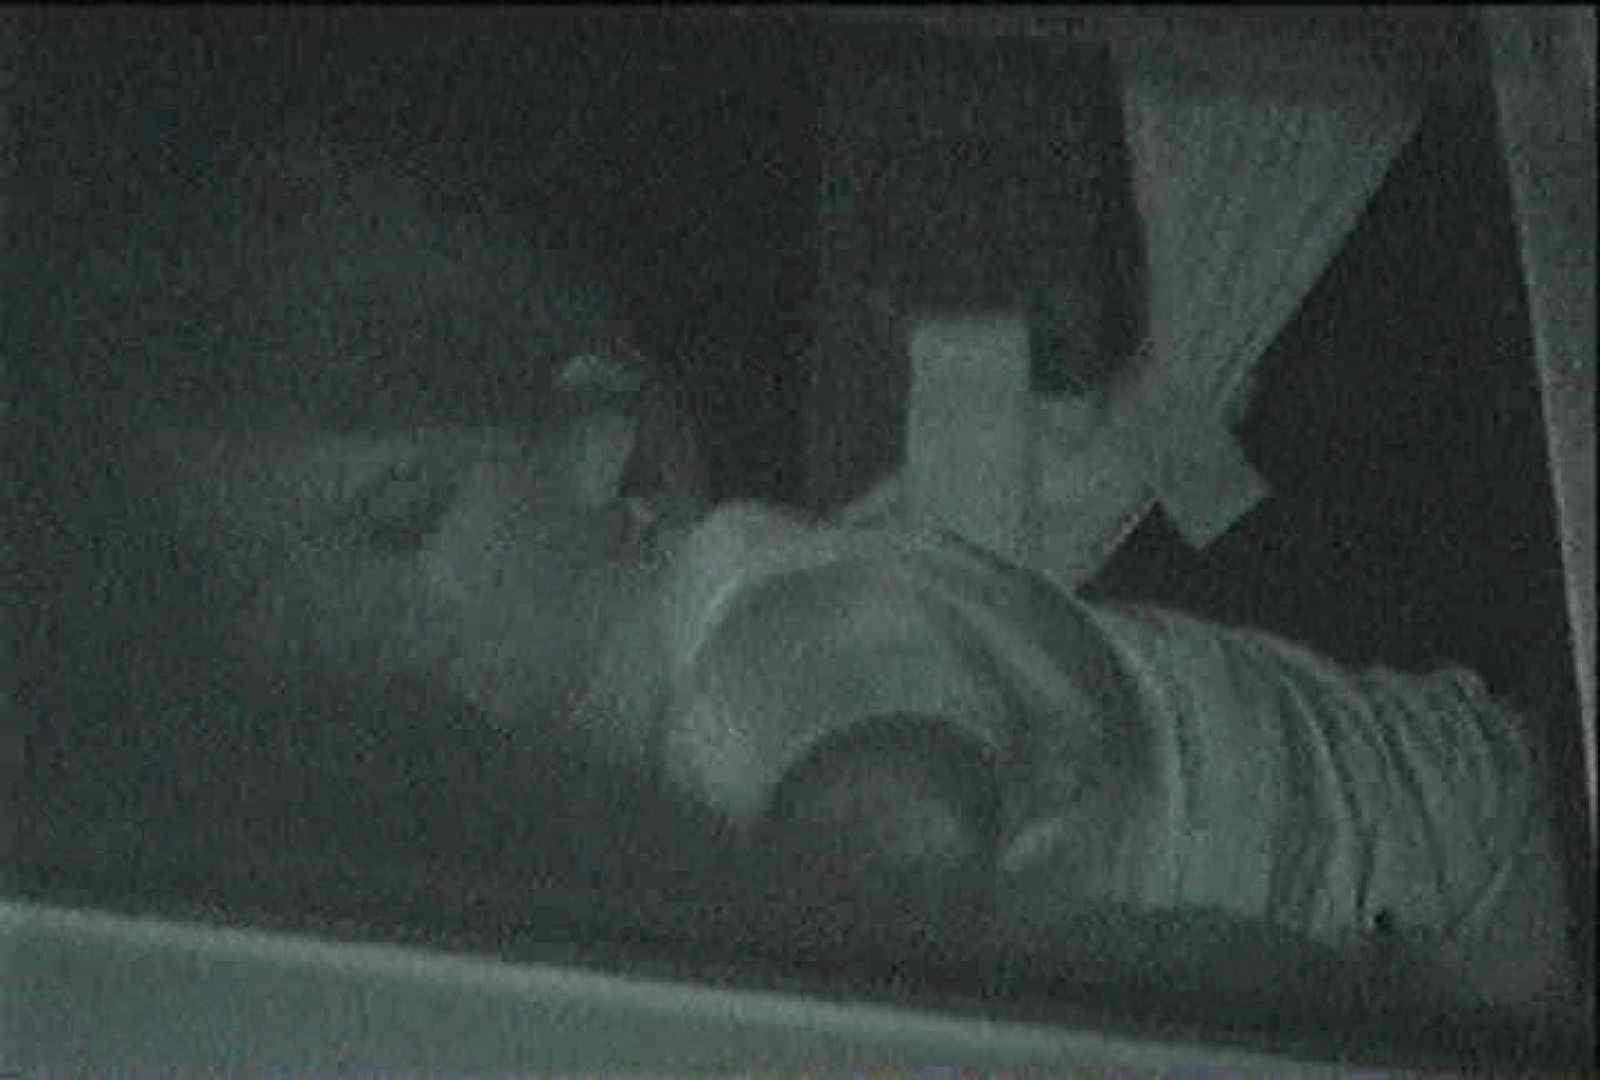 充血監督の深夜の運動会Vol.79 おまんこ | 美しいOLの裸体  91pic 85